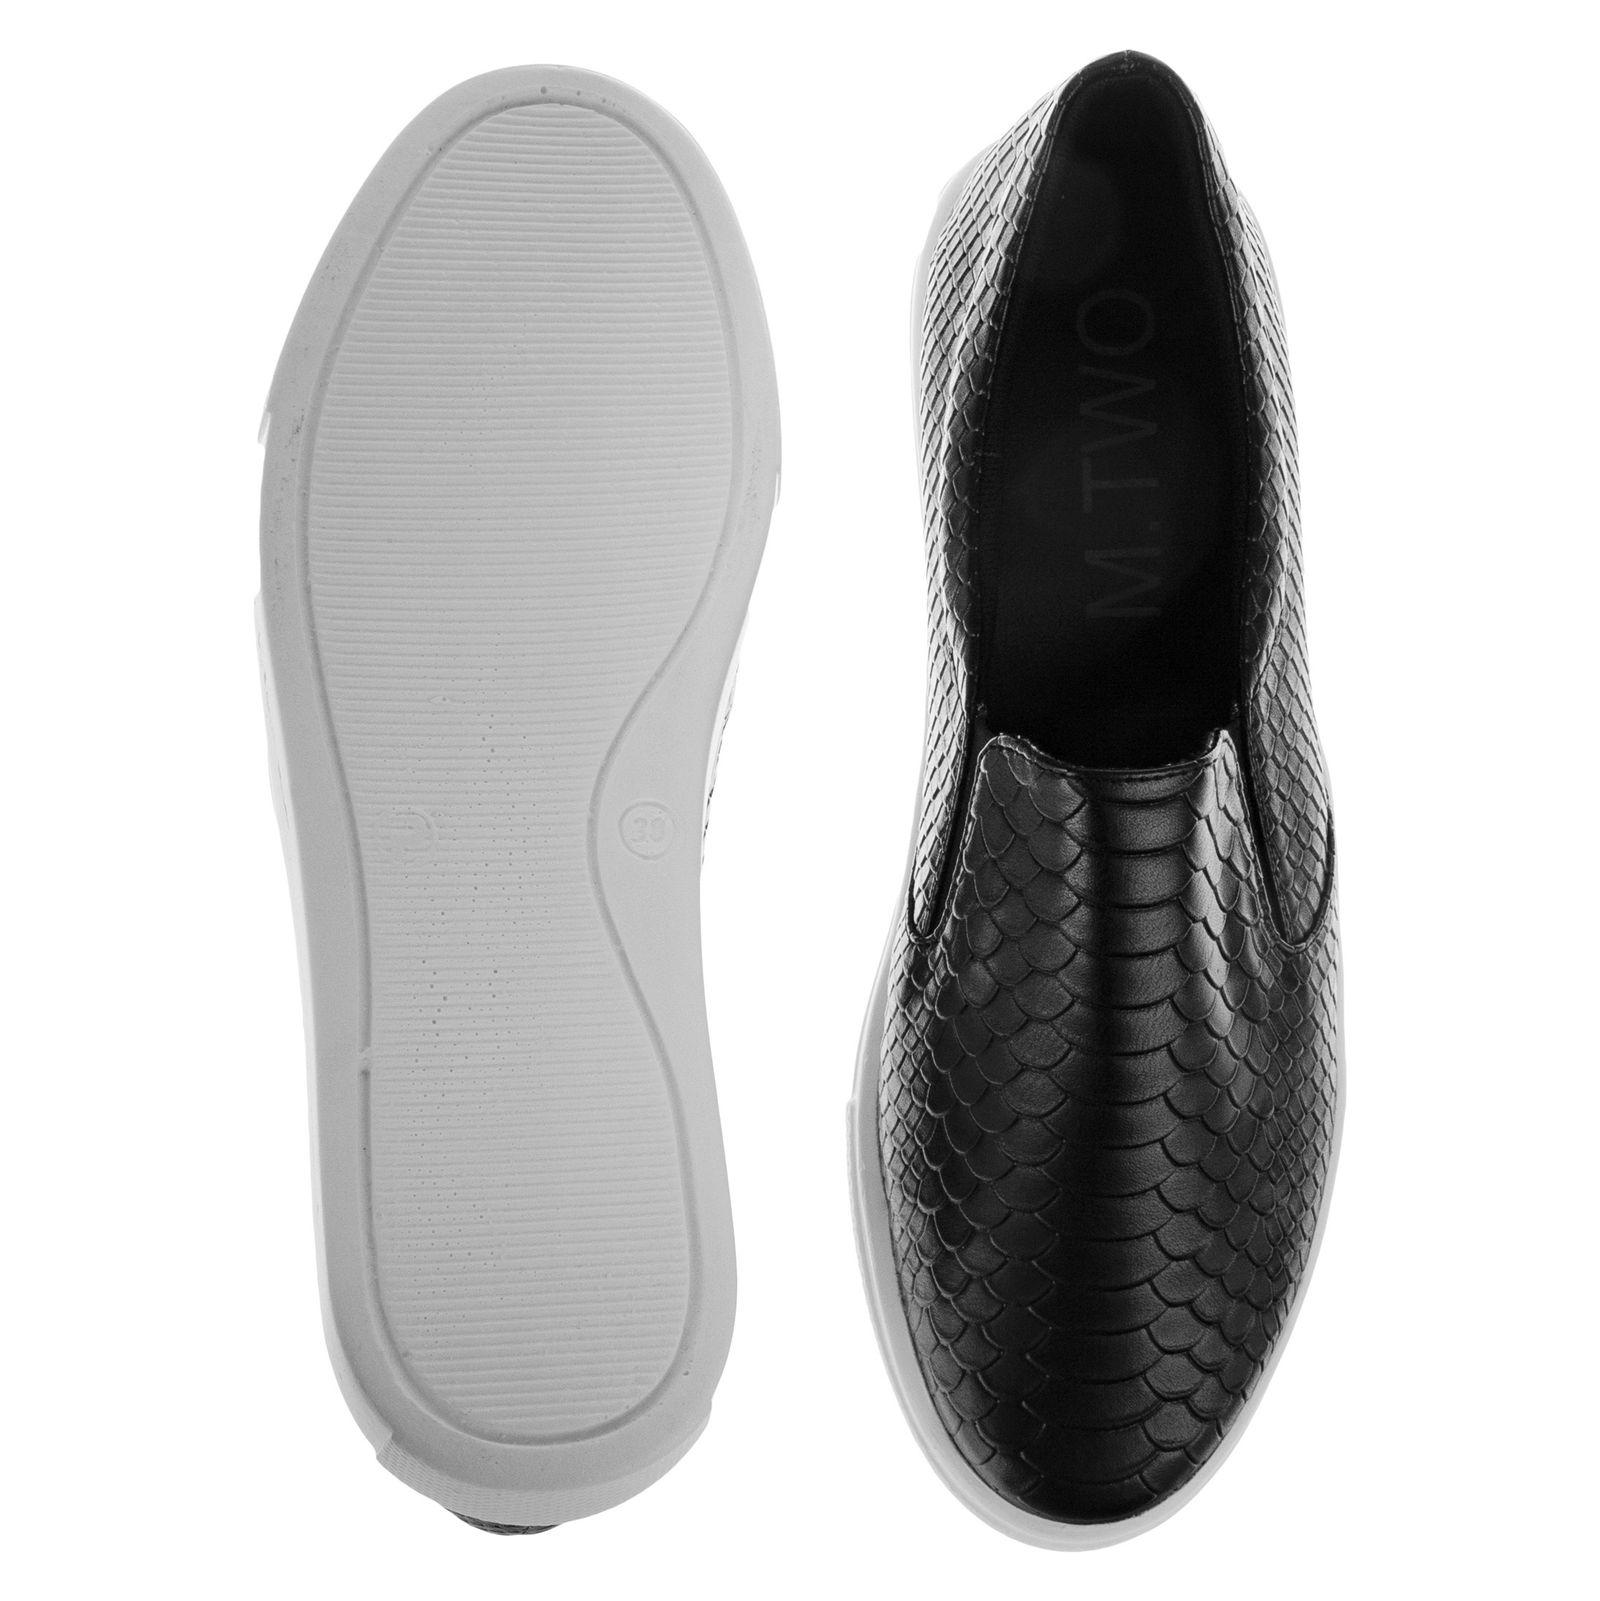 کفش تخت زنانه ام تو مدل 316-0001 -  - 2